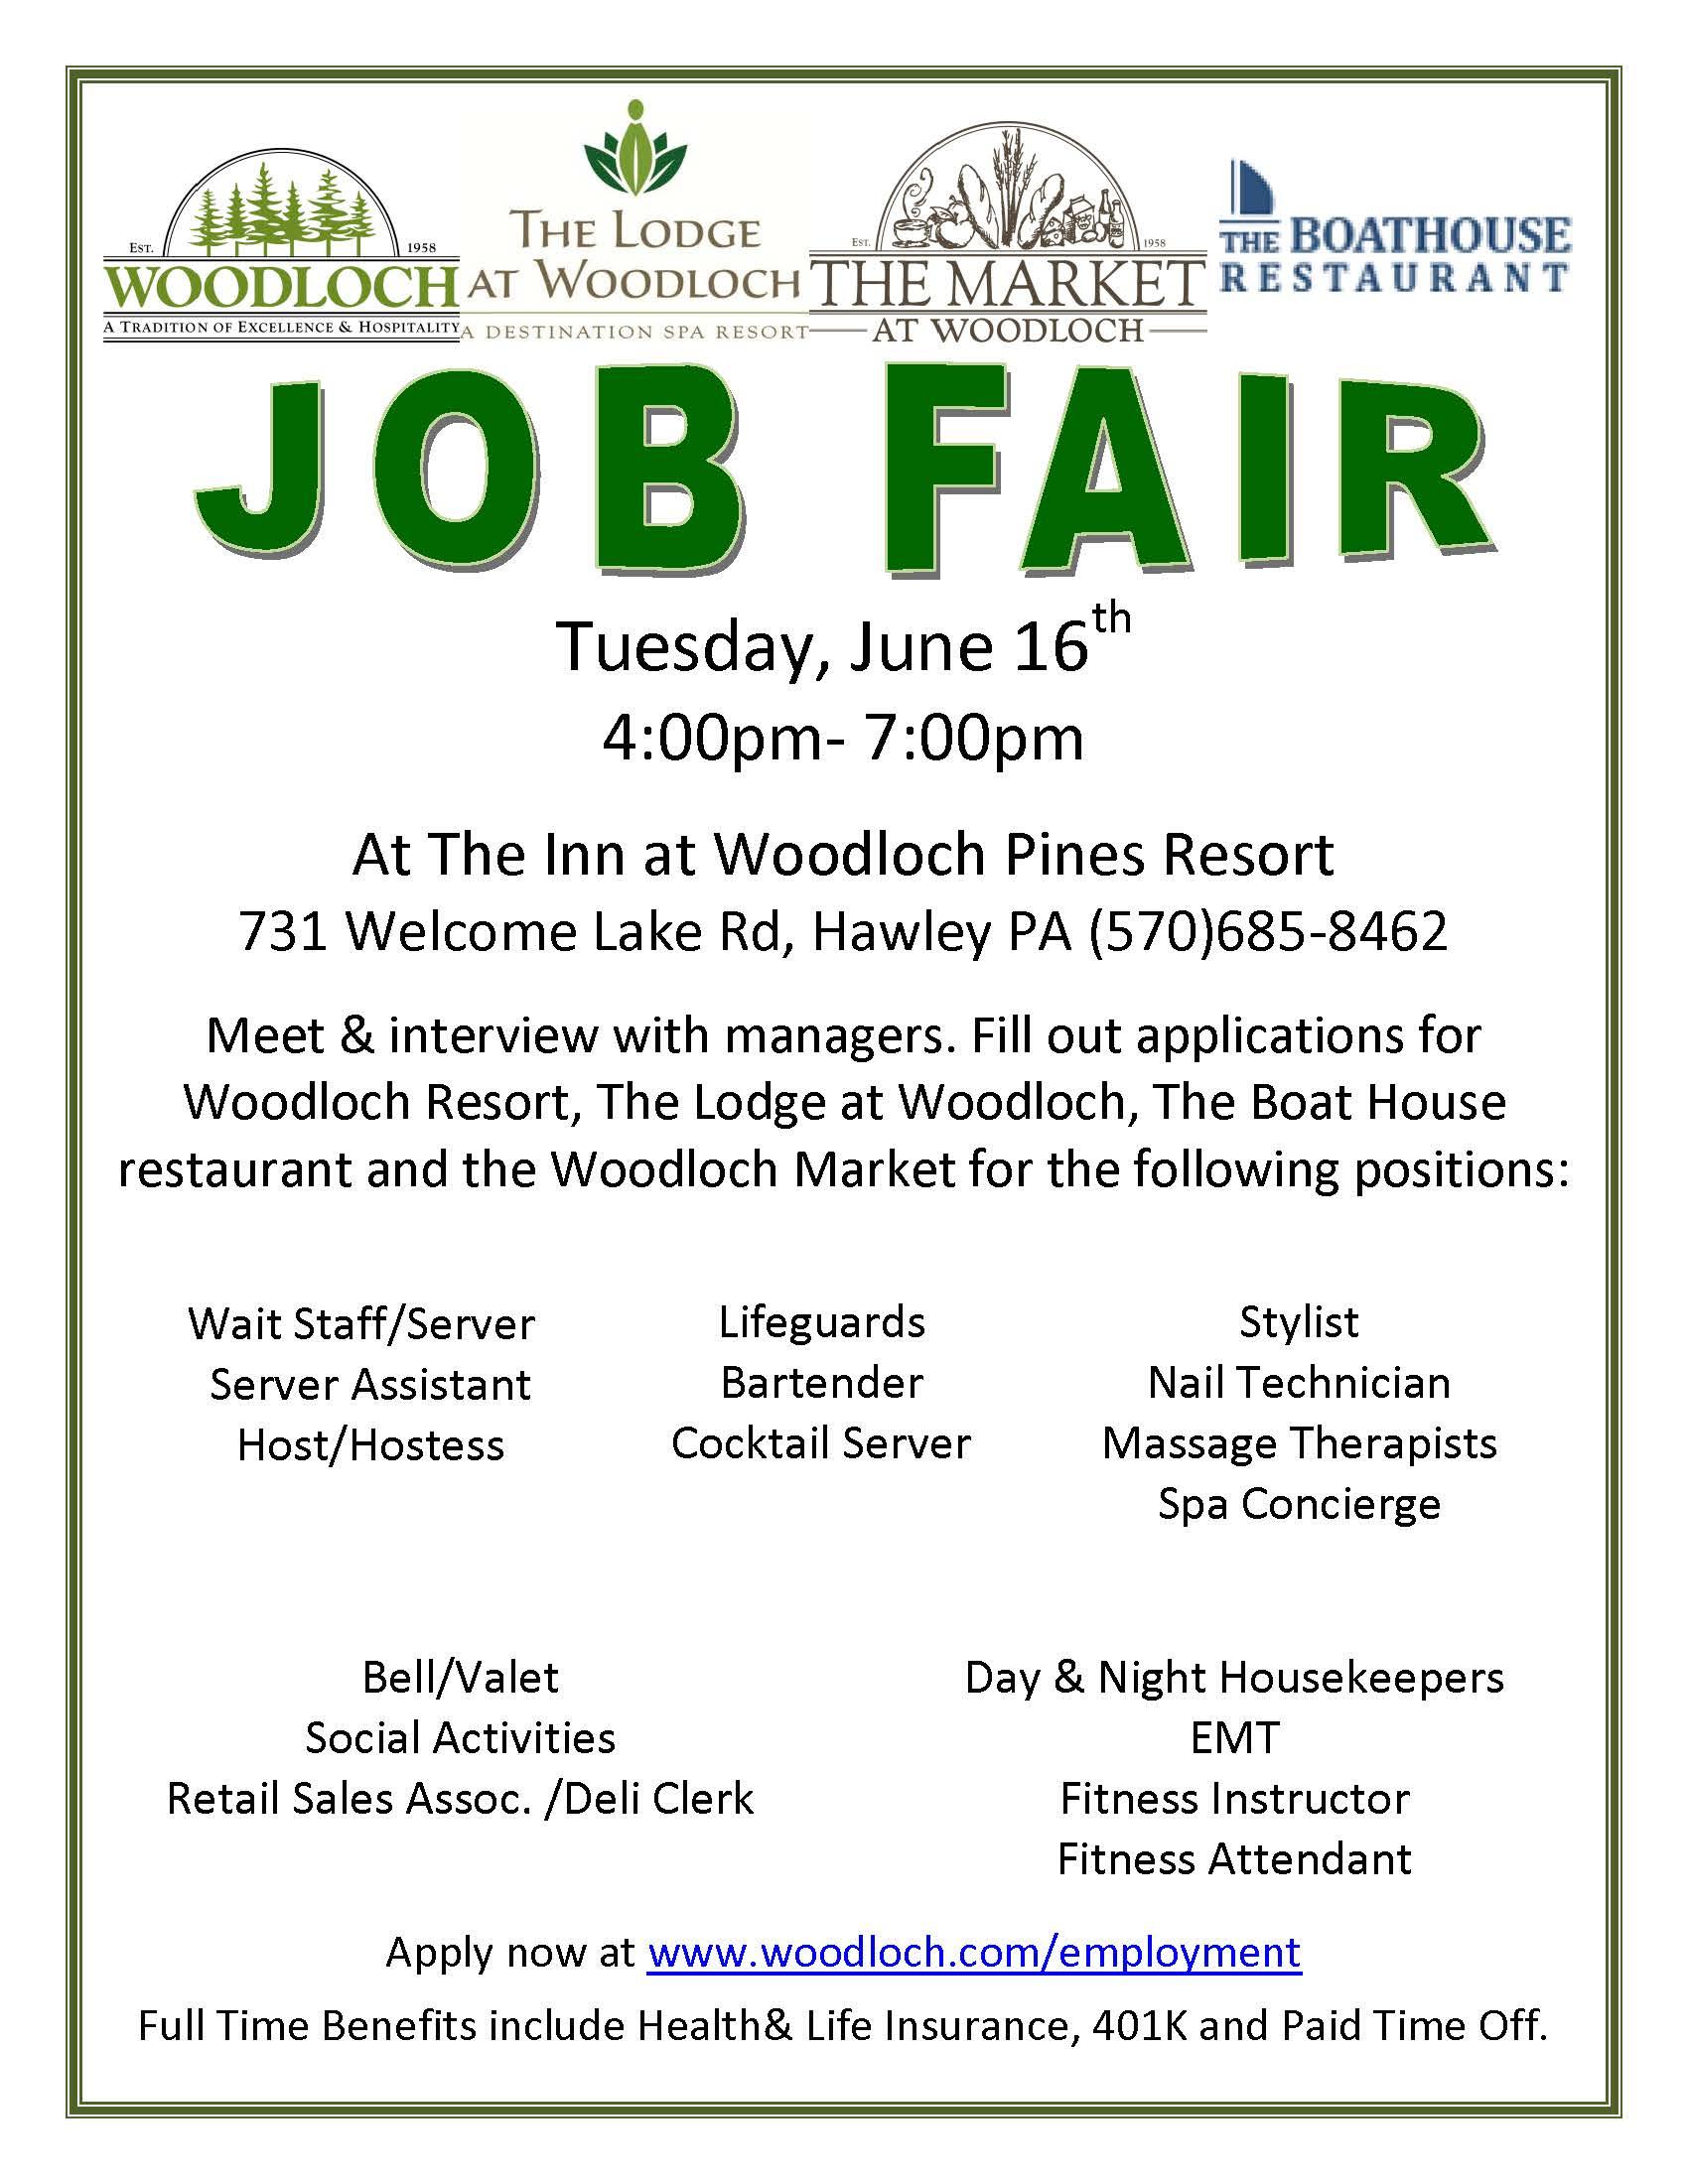 Woodloch Job Fair June 16th The Inn At Woodloch Pines